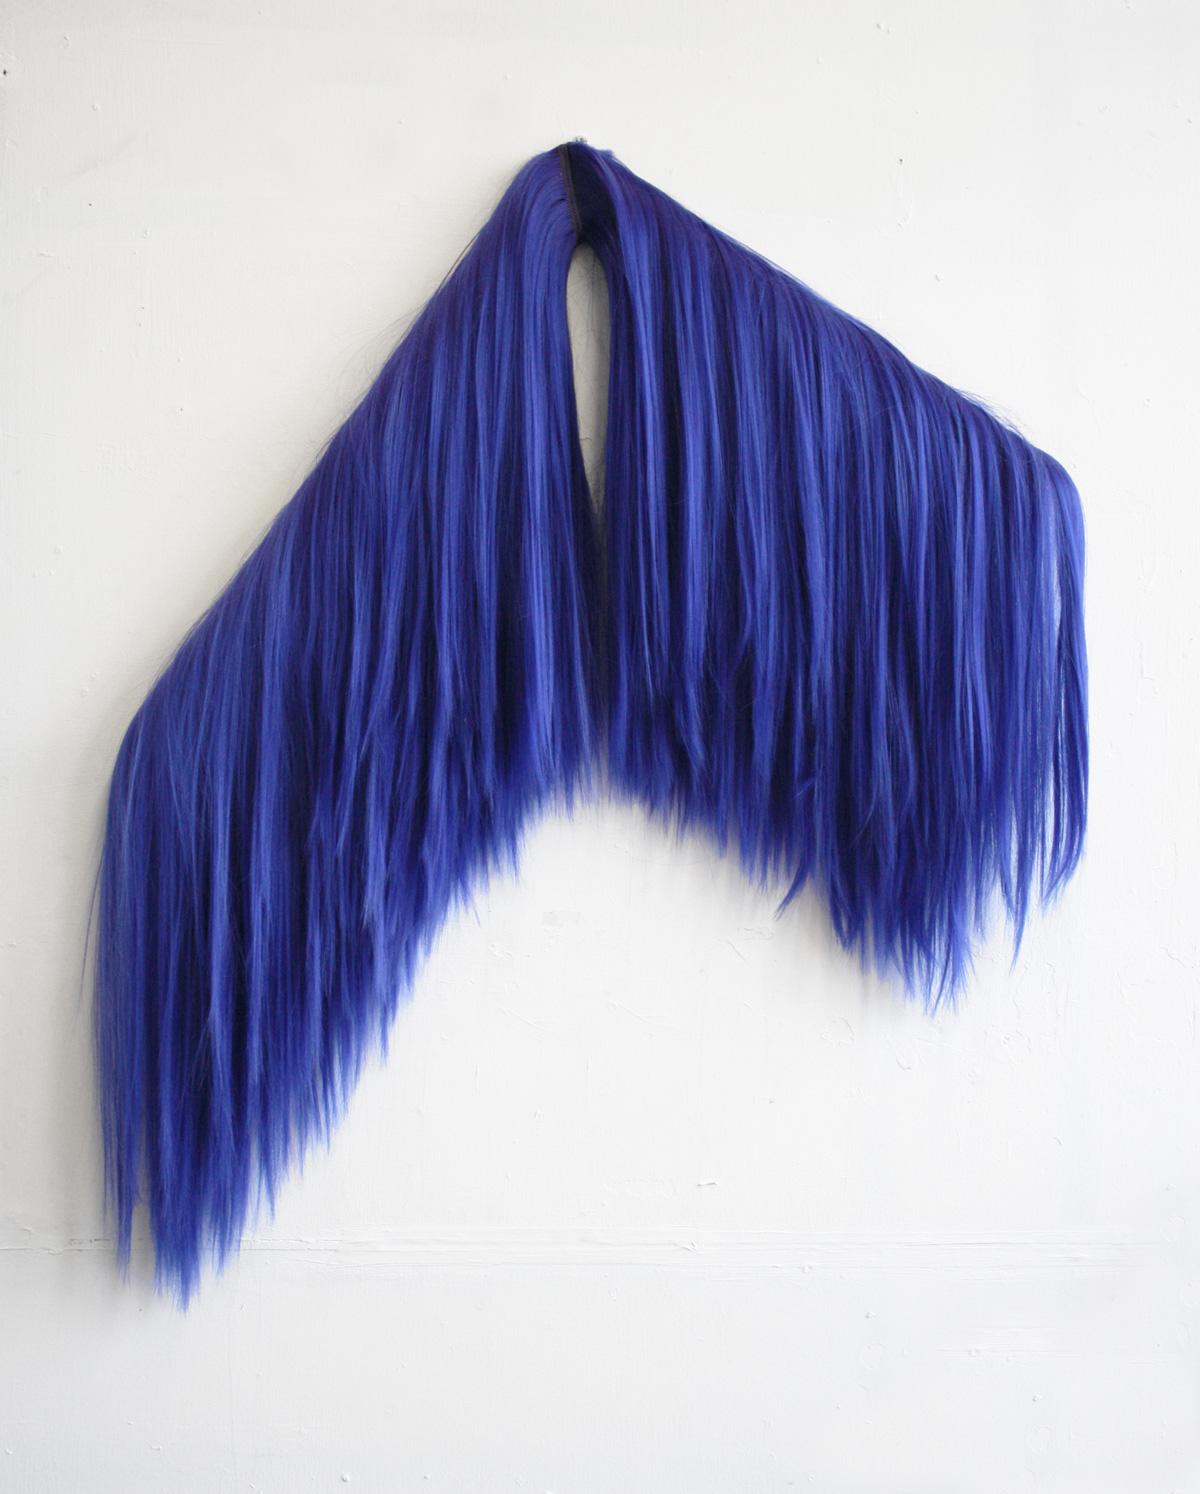 """""""Limbs For Din-dins"""" Futura Yaki Blue Hair on wood 70 x 80cm 2016"""